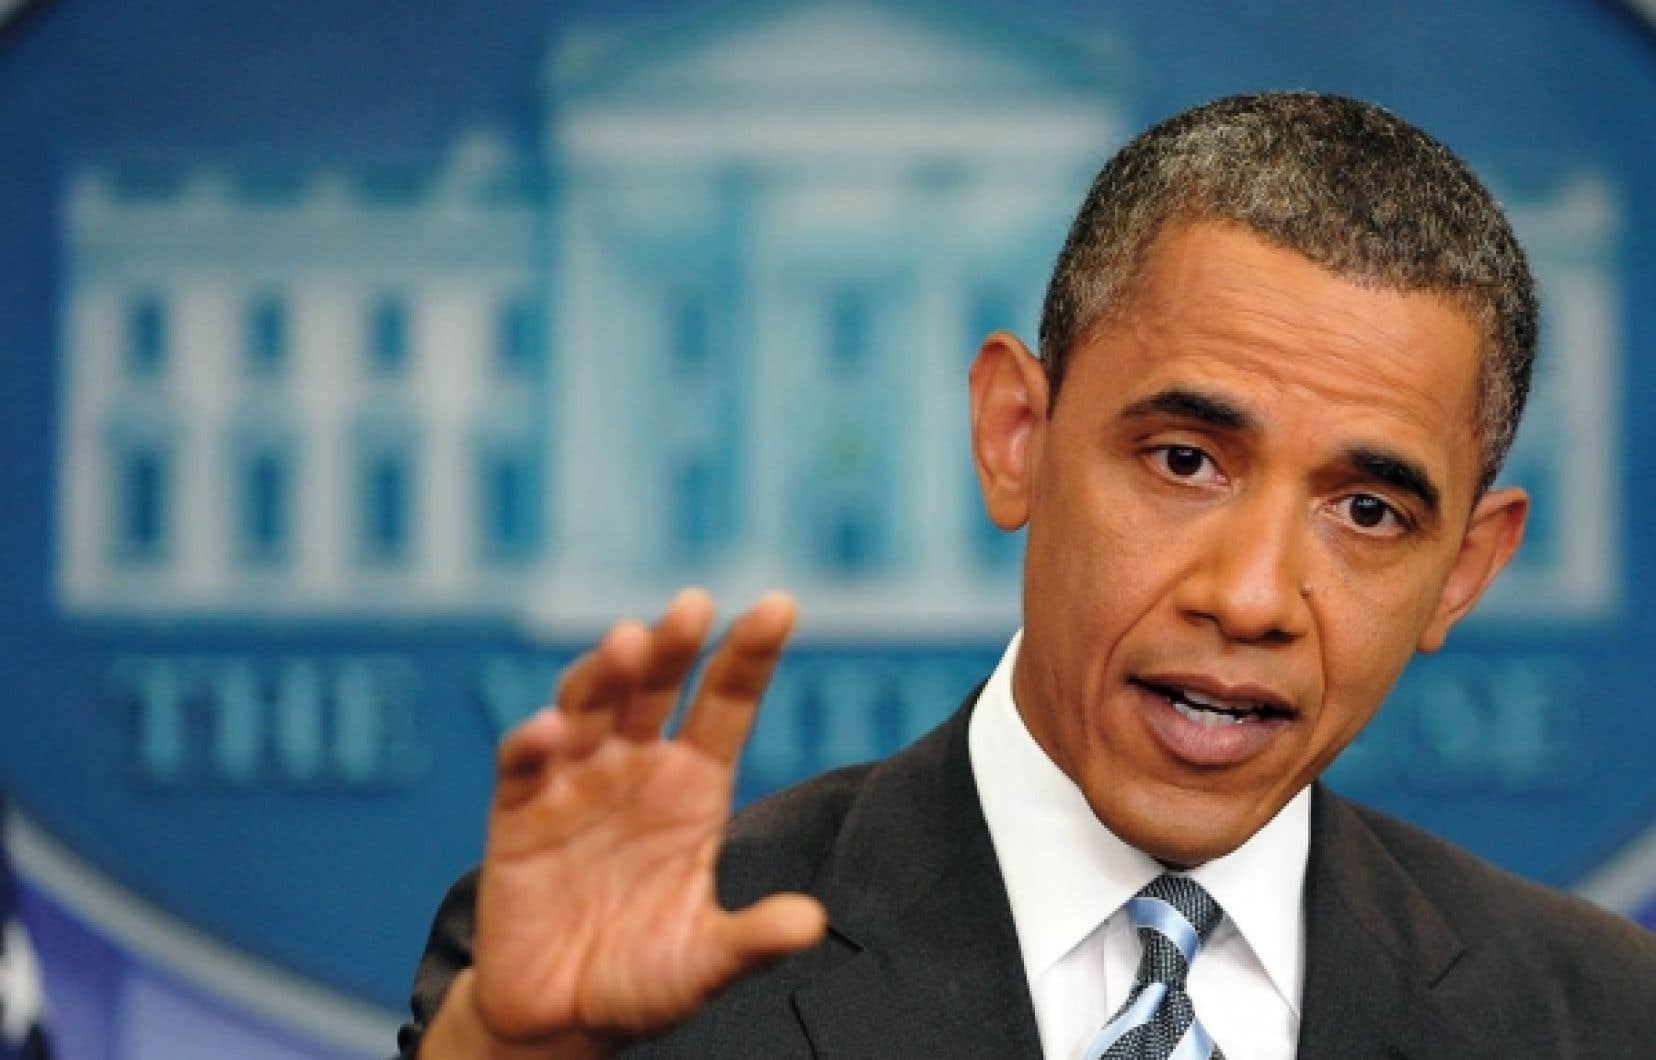 Le président Barack Obama a prévenu, hier, les républicains que le «temps presse» pour relever le plafond de la dette et éviter «la fin du monde» que serait un défaut de paiement des États-Unis, tout en se disant ouvert à une proposition «sérieuse» de ses adversaires.